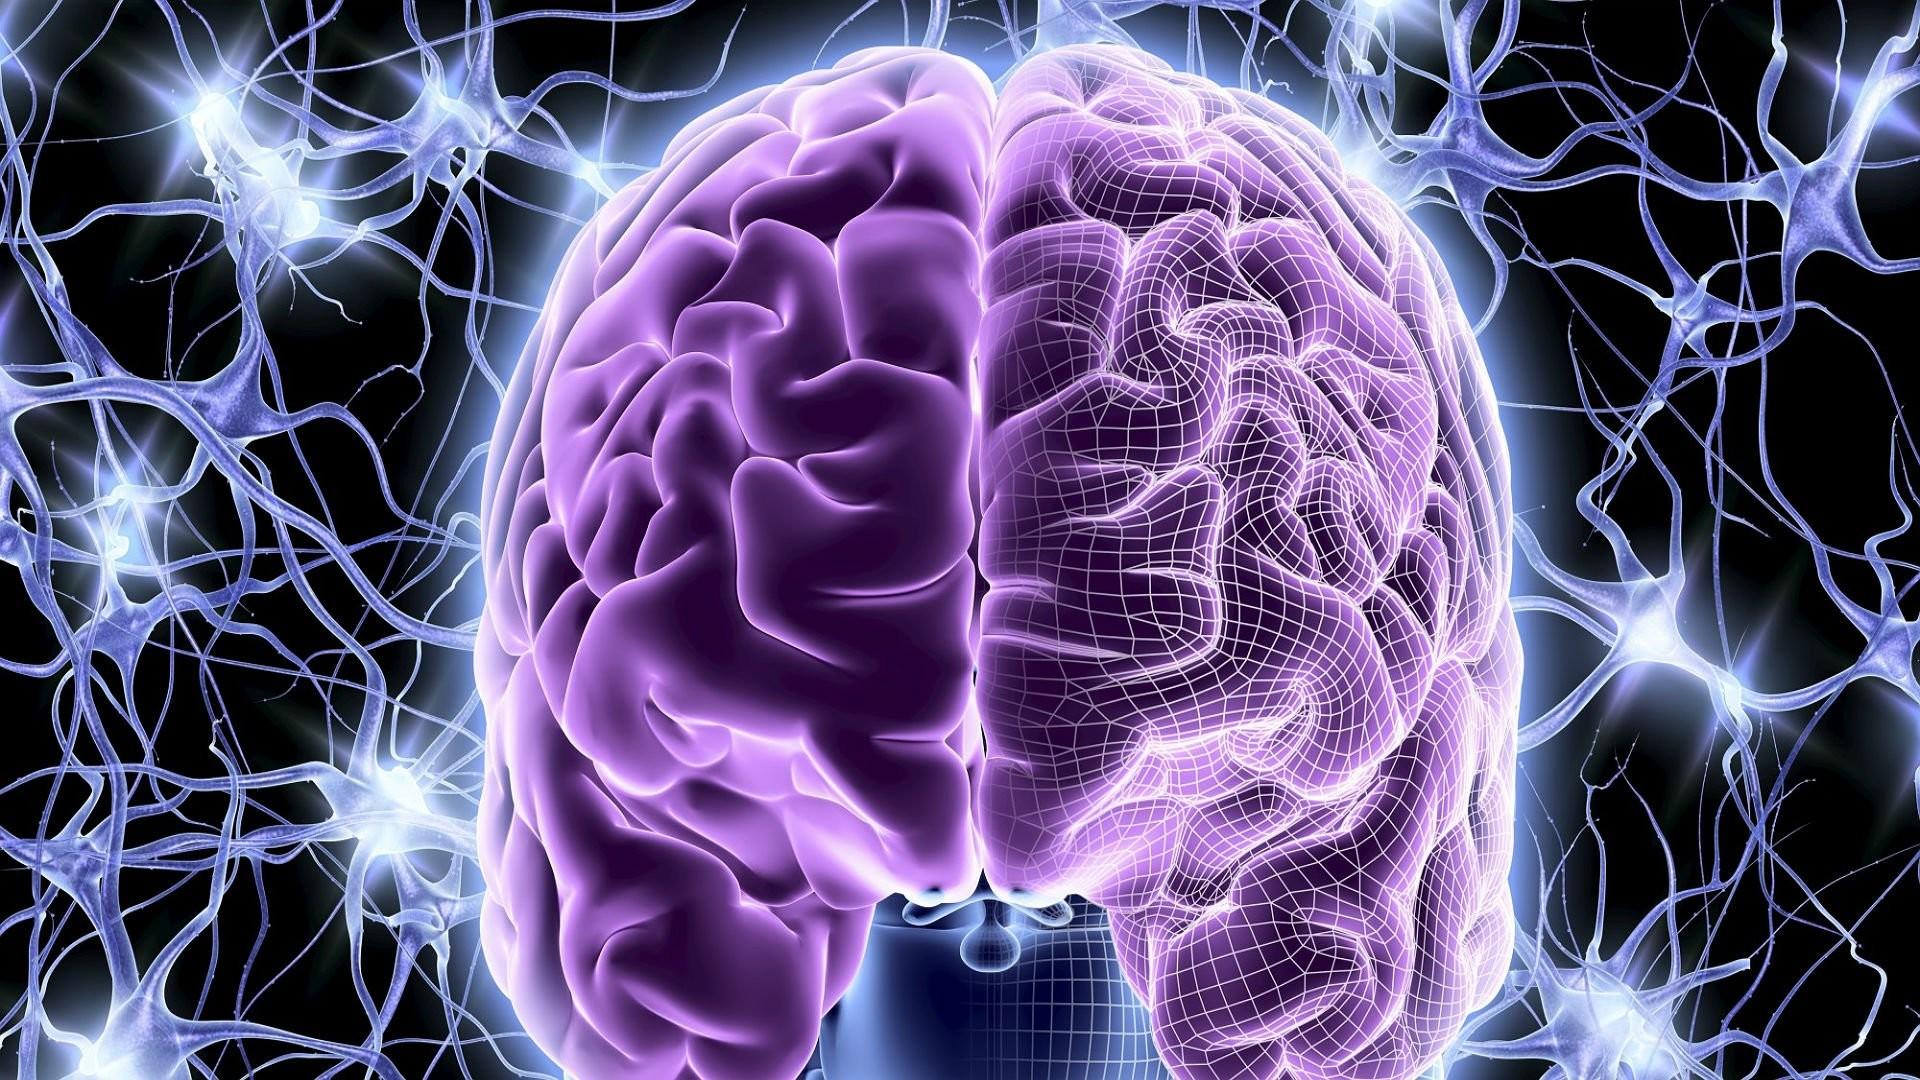 Brain Anatomy Wallpaper ·①